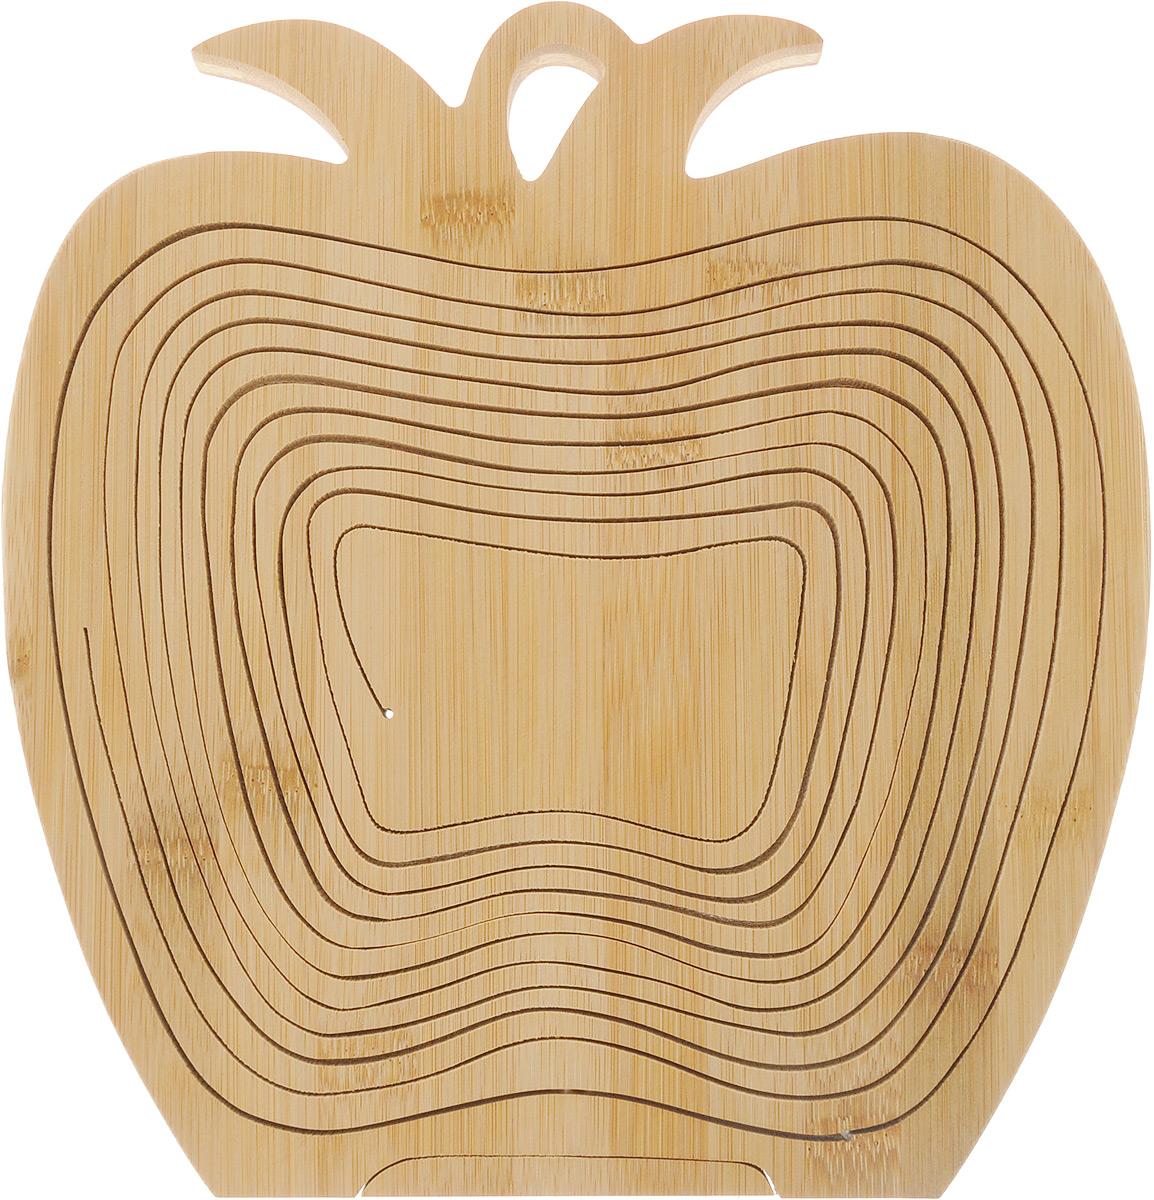 Доска-трансформер Vetta Яблоко, 27 х 30 см851012Доска-трансформер Vetta Яблоко изготовлена из высококачественного бамбука. Ее можно использовать как доску для нарезки, как подставку под горячее, и как фруктовницу. Оригинальный дизайн доски-трансформер украсит интерьер вашей кухни.Доска-трансформер Vetta Яблоко станет отличным подарком для ваших друзей и близких.Размер доски-трансформер (в виде доски): 27 х 30 х 1,5 см.Размер доски-трансформер (в виде фруктовницы): 27 х 30 х 21 см